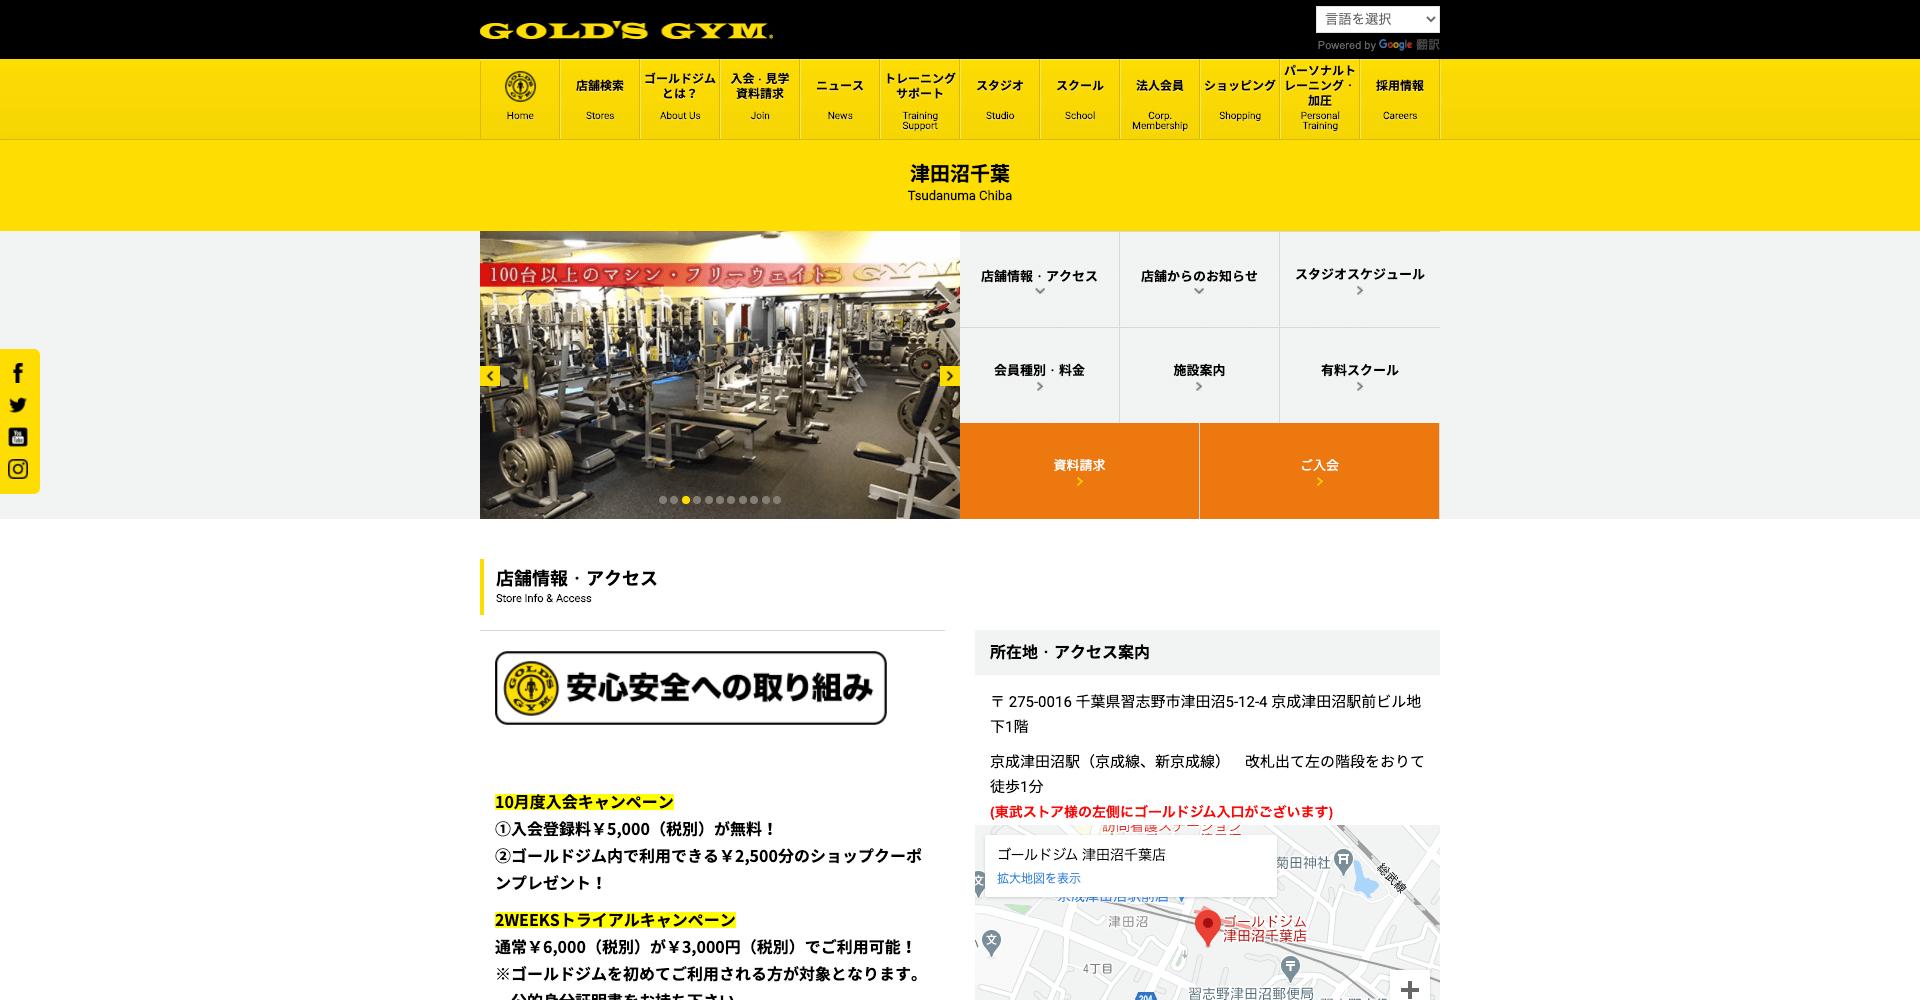 ゴールドジム 津田沼千葉店